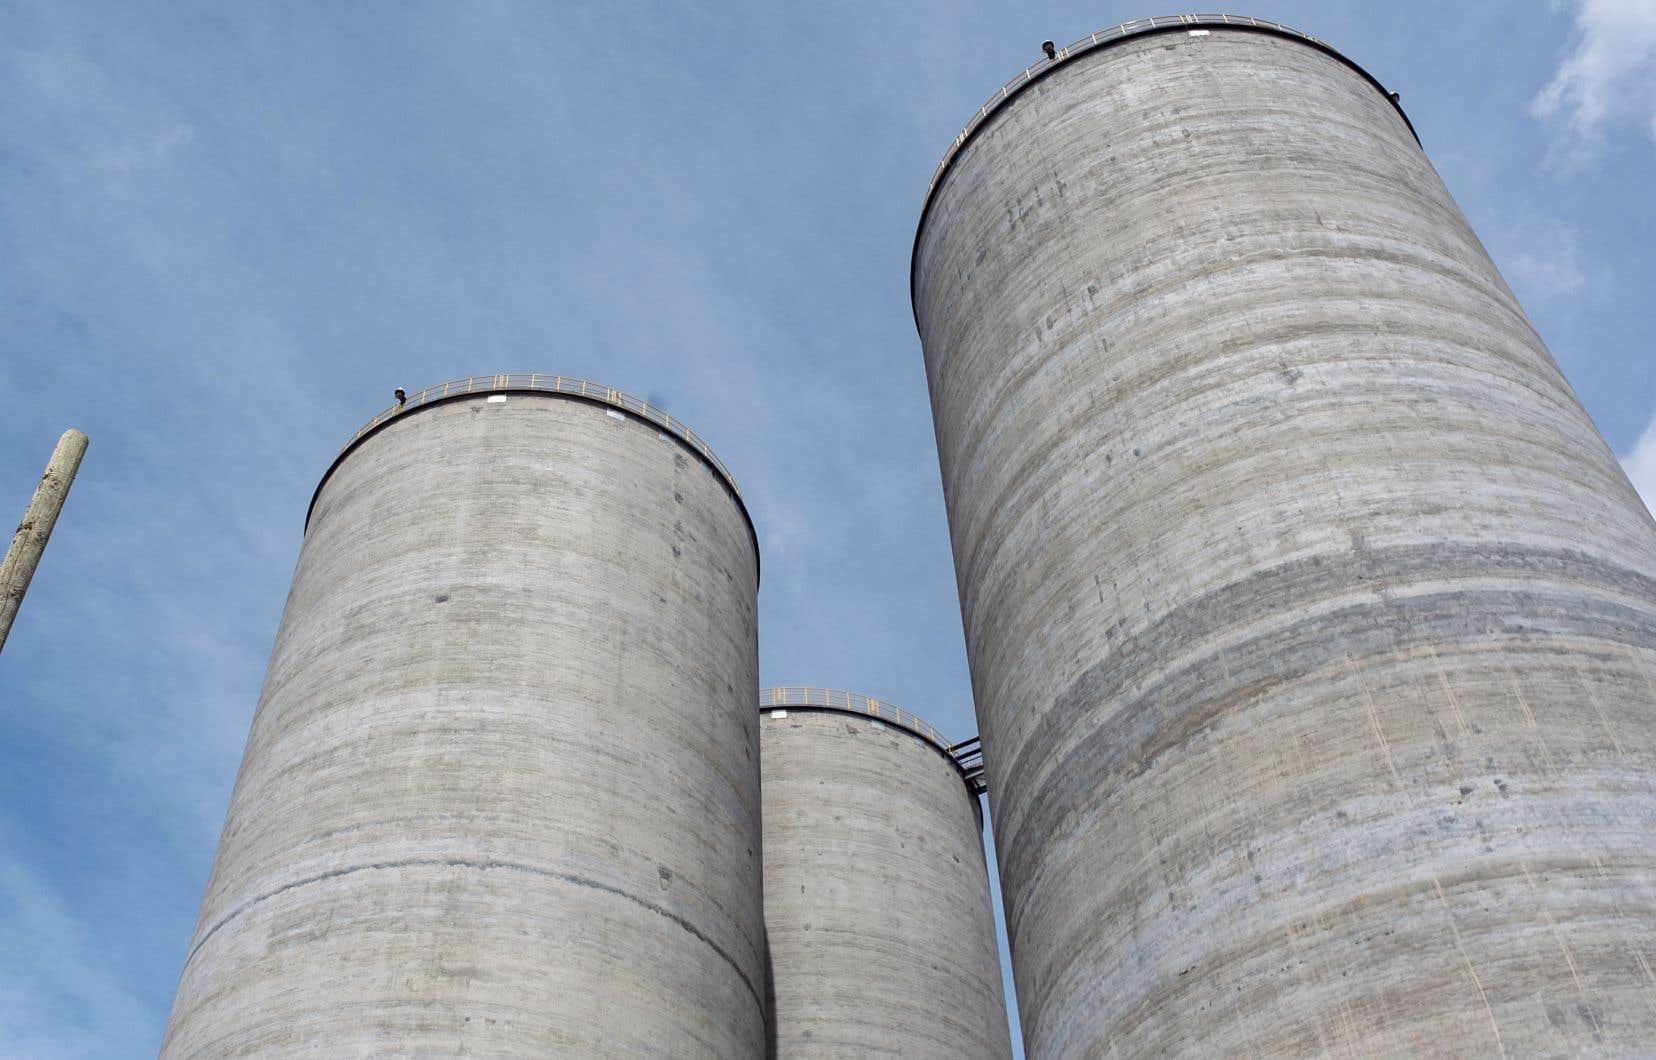 Les émissions de gaz à effet de serre produites par la cimenterie McInnis, le plus grand pollueur industriel au Québec, sont estimées à 1,76 million de tonnes annuellement.